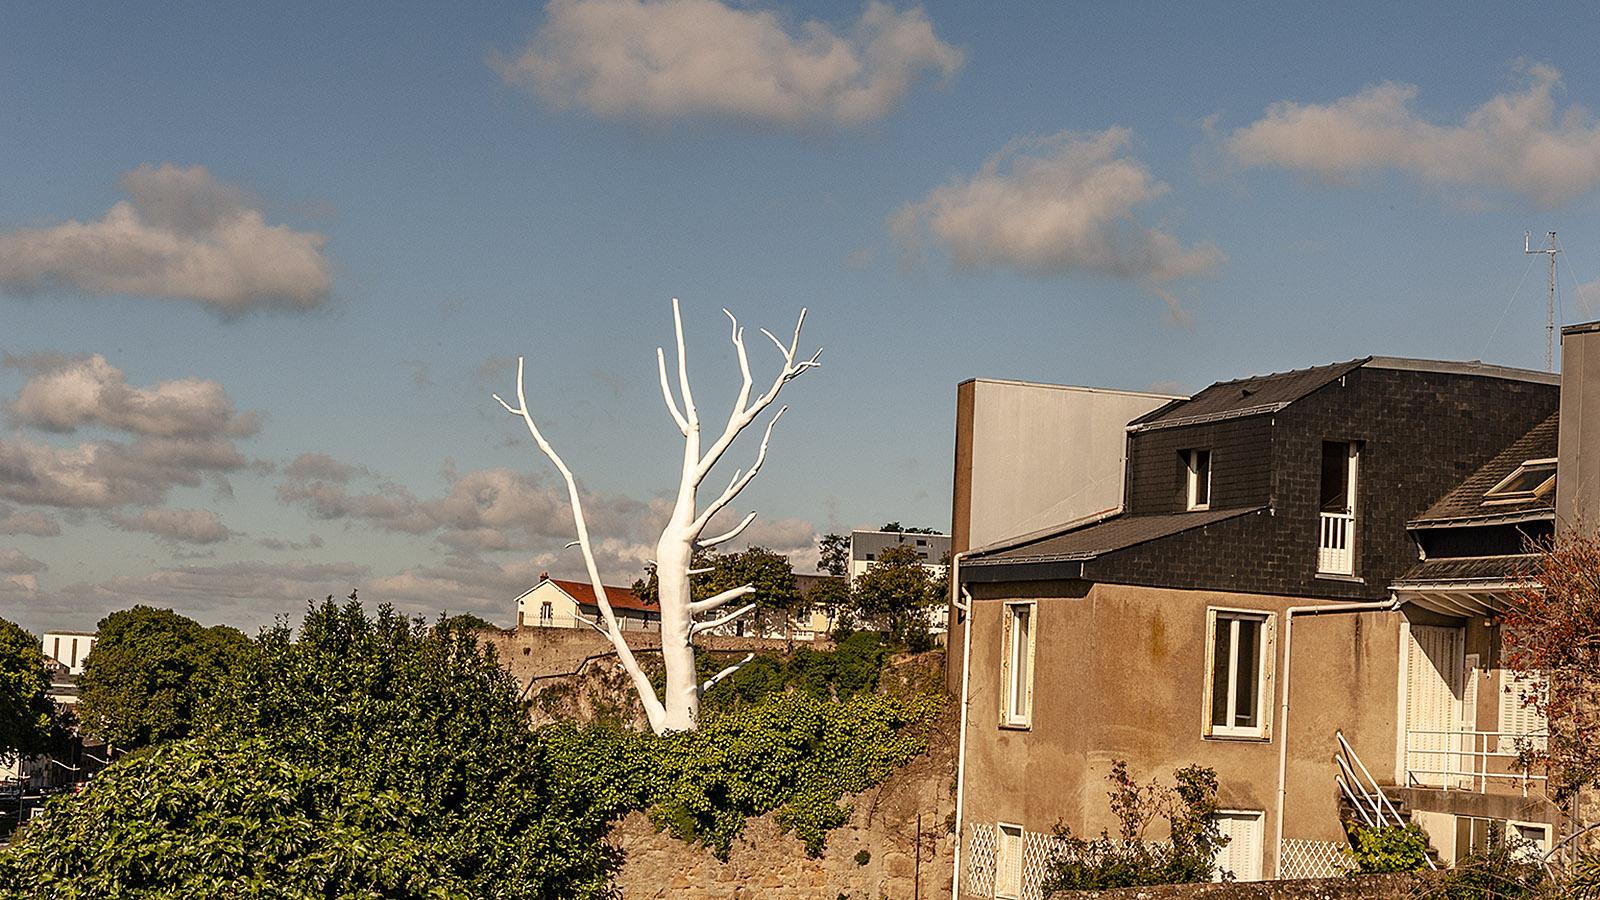 Estuaire in Nantes: der Mondbaum von Mrzyk & Moriau im Stadtteil Chantenay. Foto: Hilke Maunder